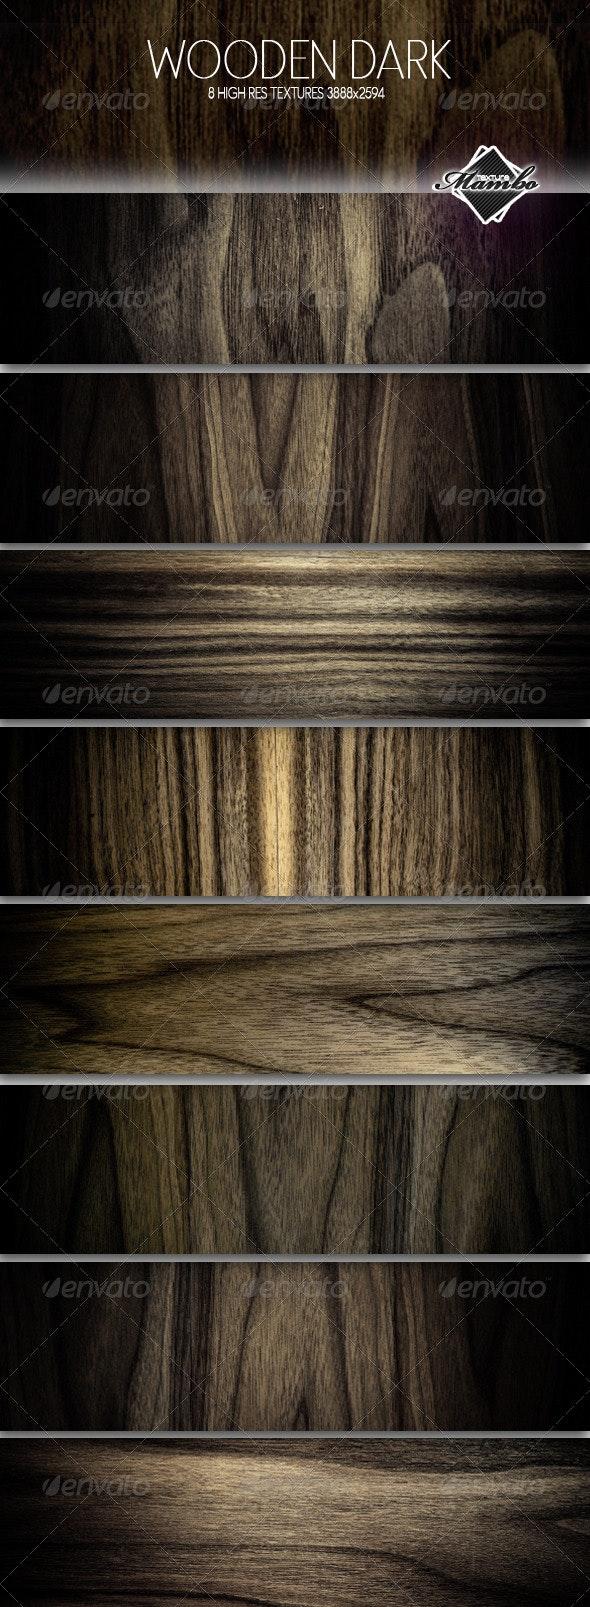 Wooden Dark - Wood background textures - Wood Textures